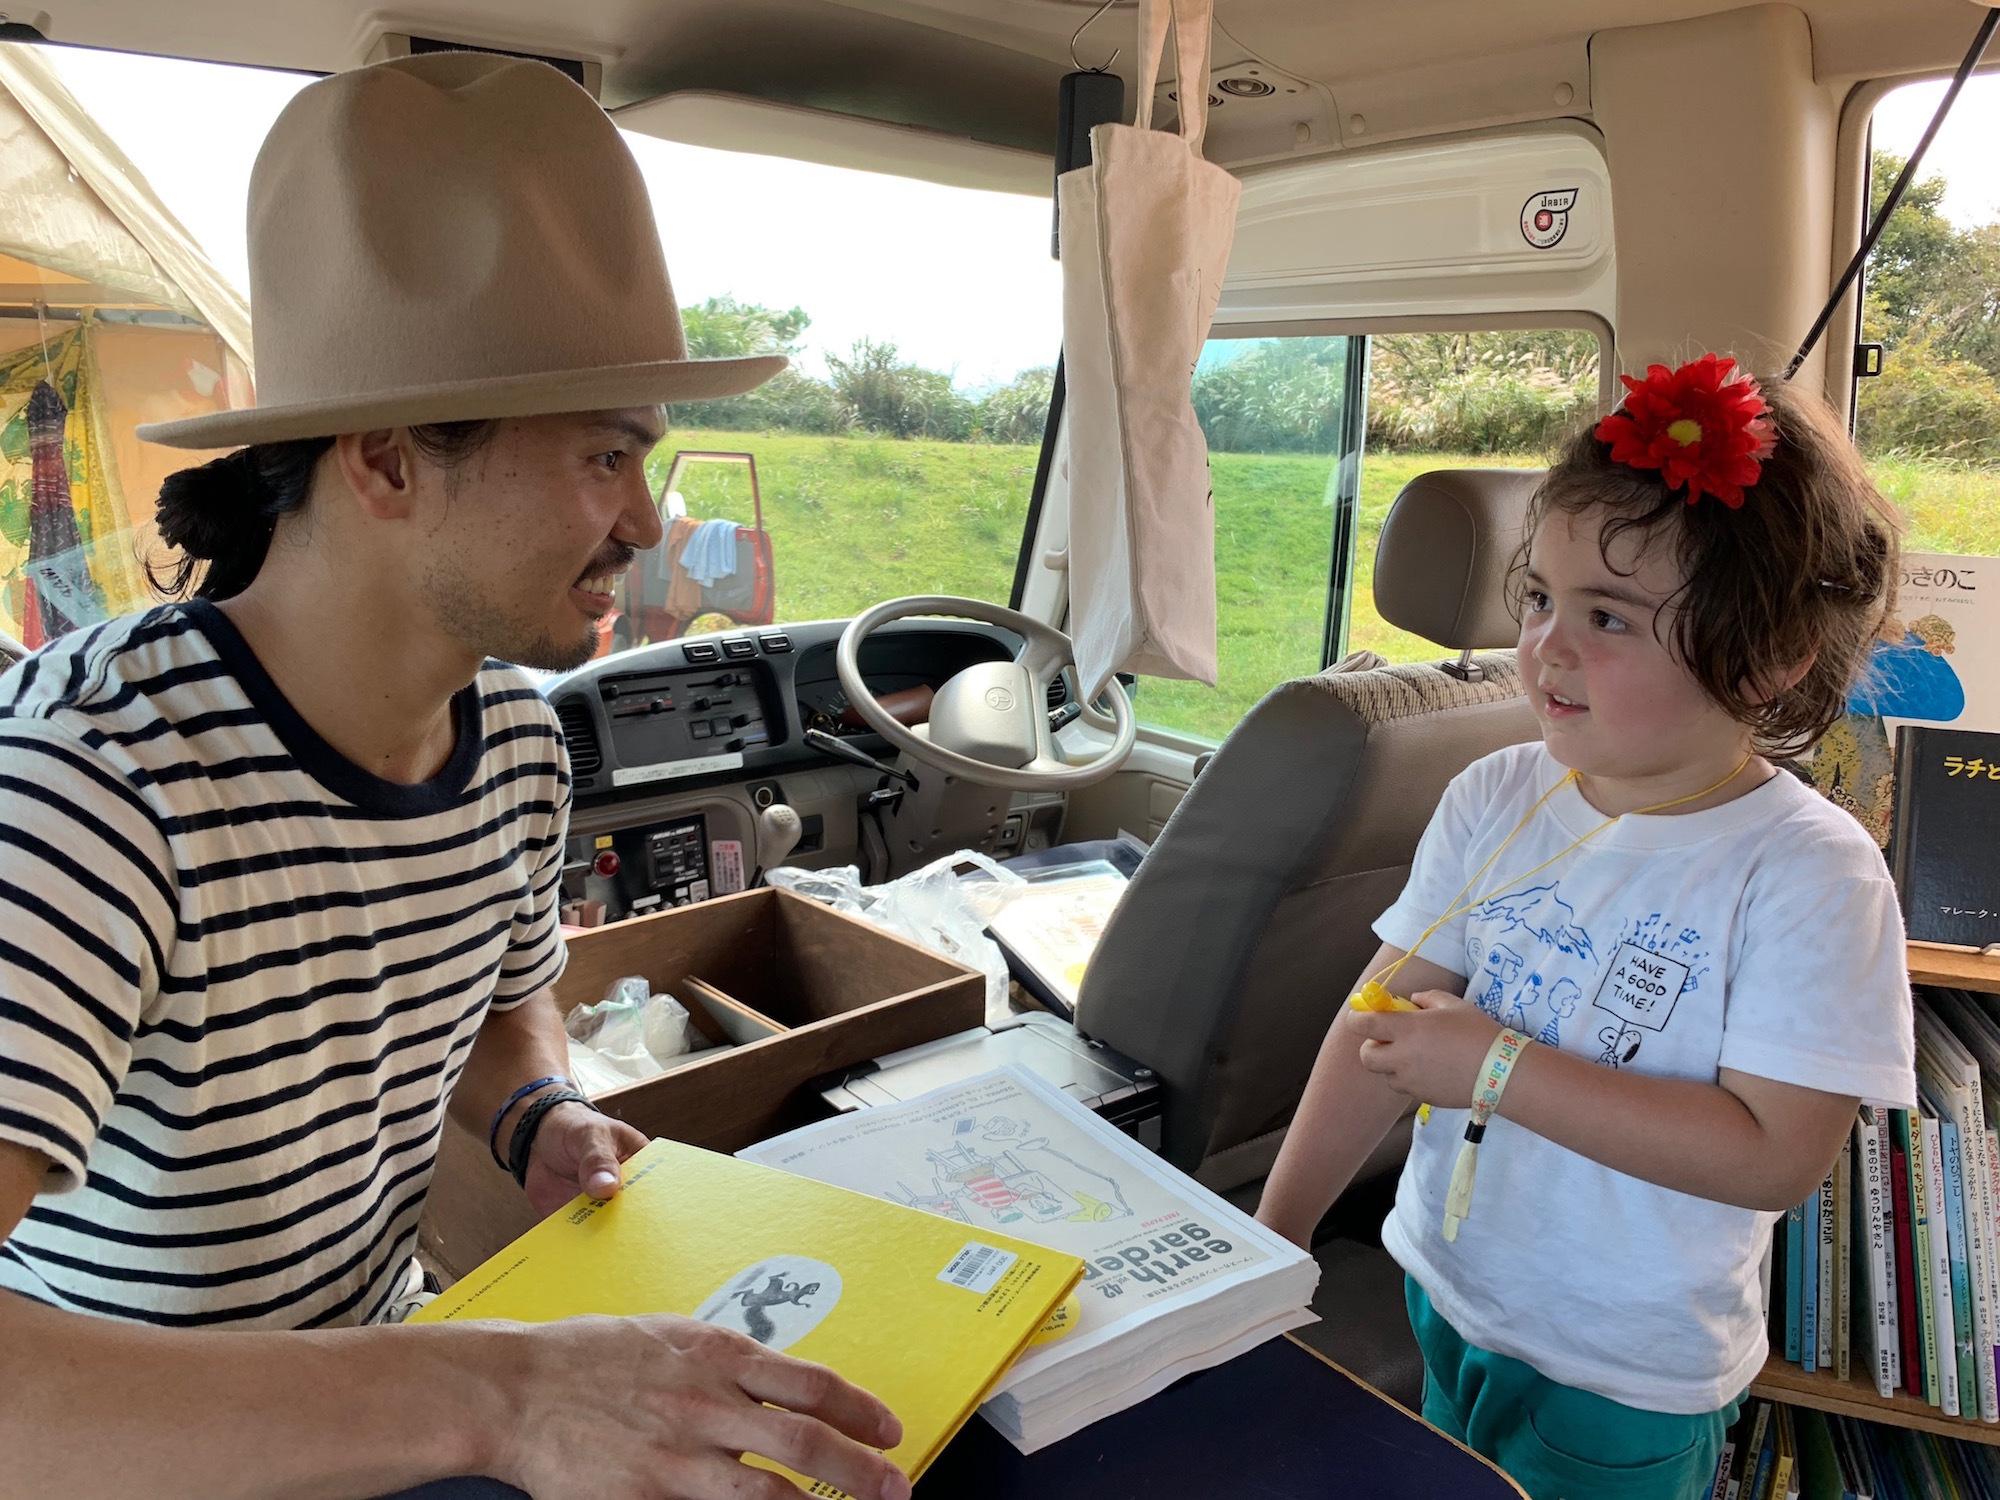 BOOK BUSのお兄さんと絵本について語る3歳児。 撮影=早乙女ゆうこ